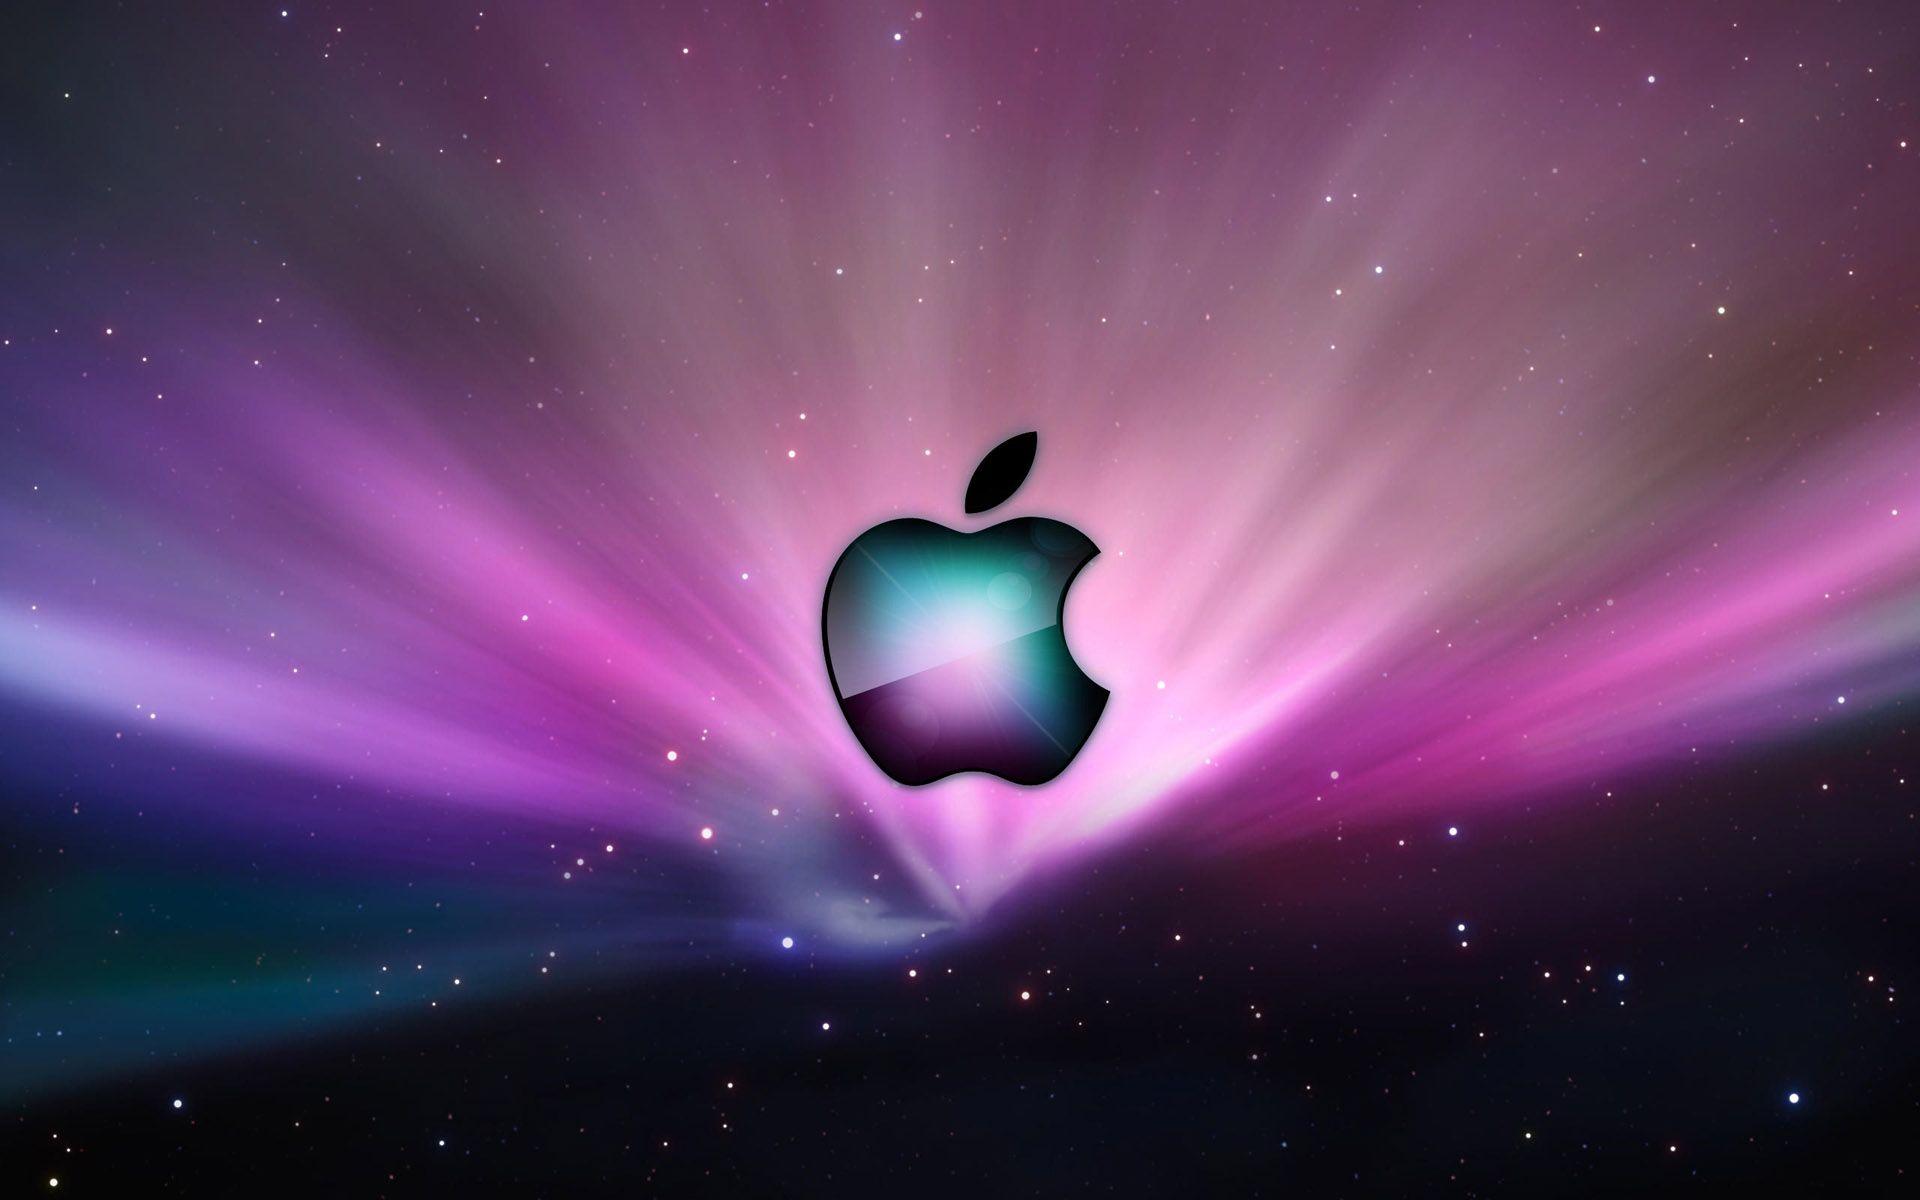 apple wallpaper 27 free download 1920a—1200 pixels